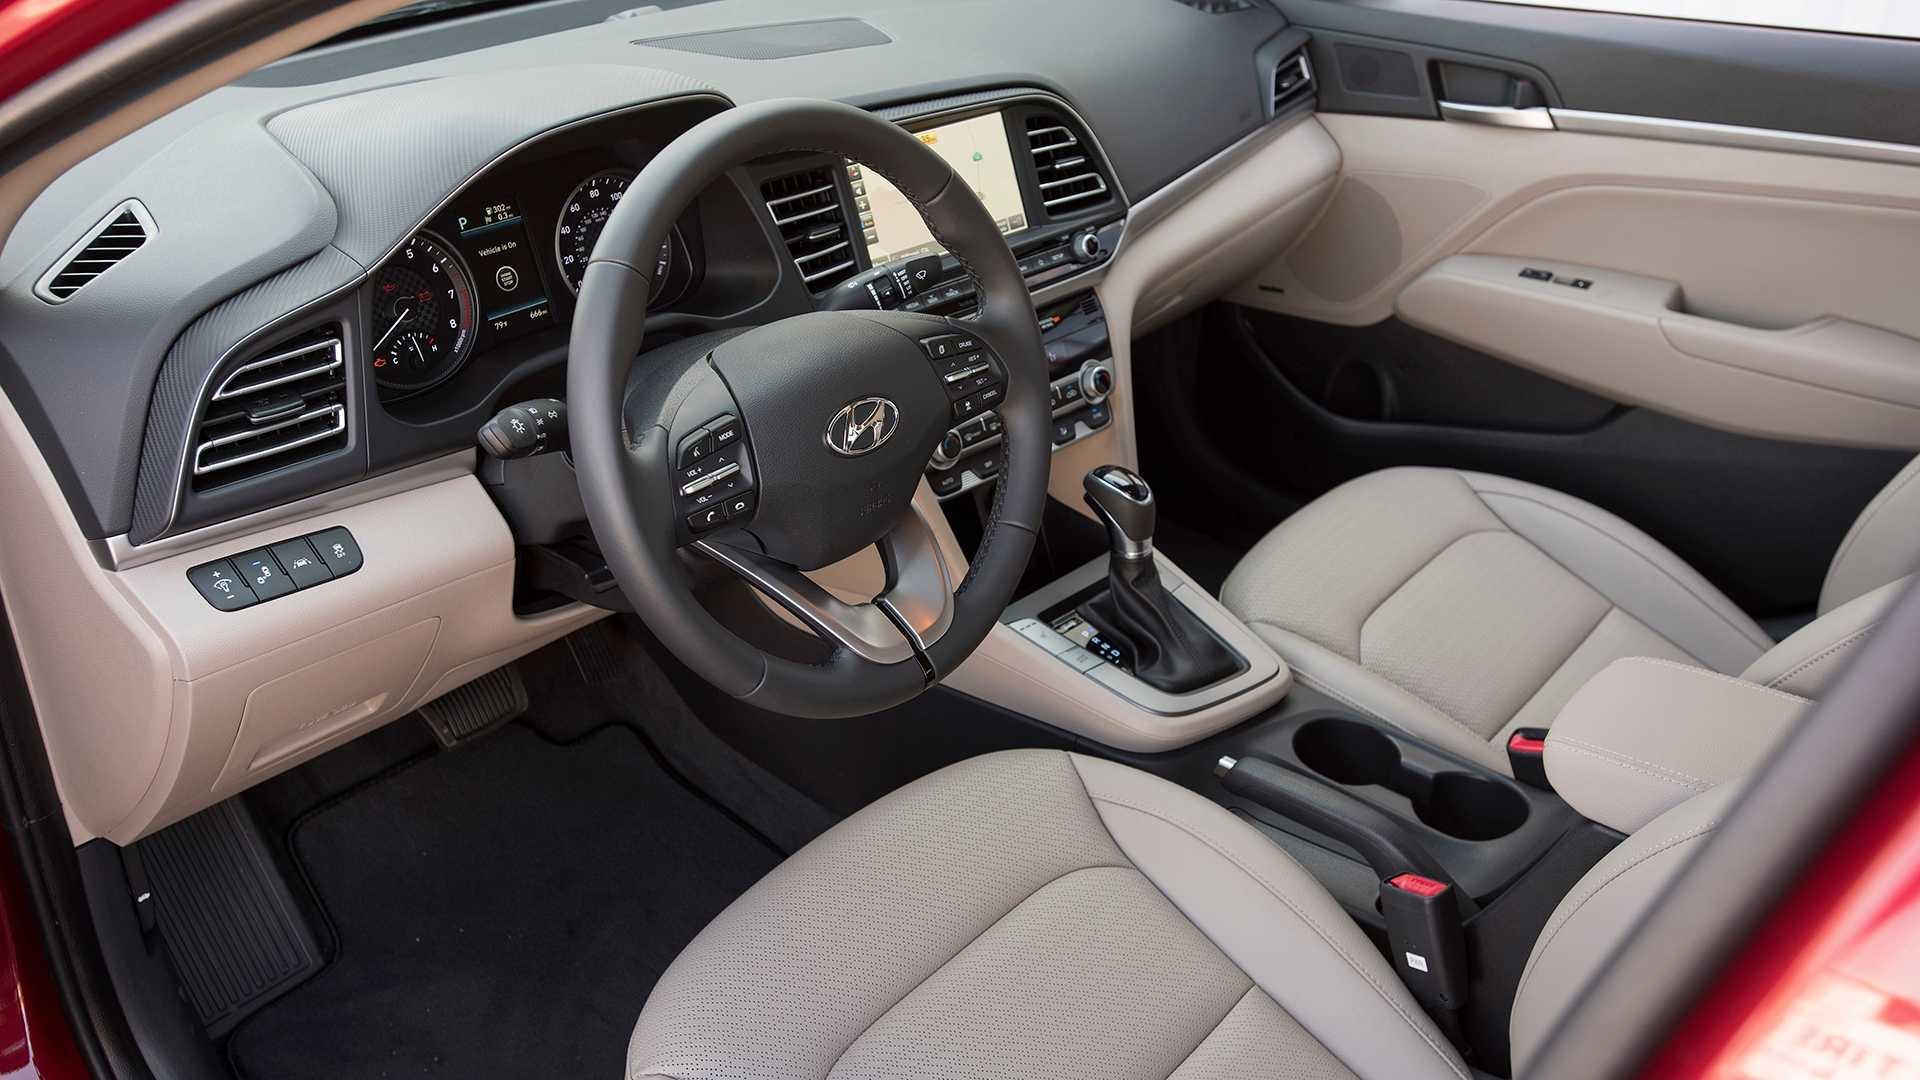 So với một ô tô đã sử dụng hơn chục năm, nhiều mẫu xe trên thị trường hiện tại cũng sở hữu nhiều tính năng, tiện ích hơn.